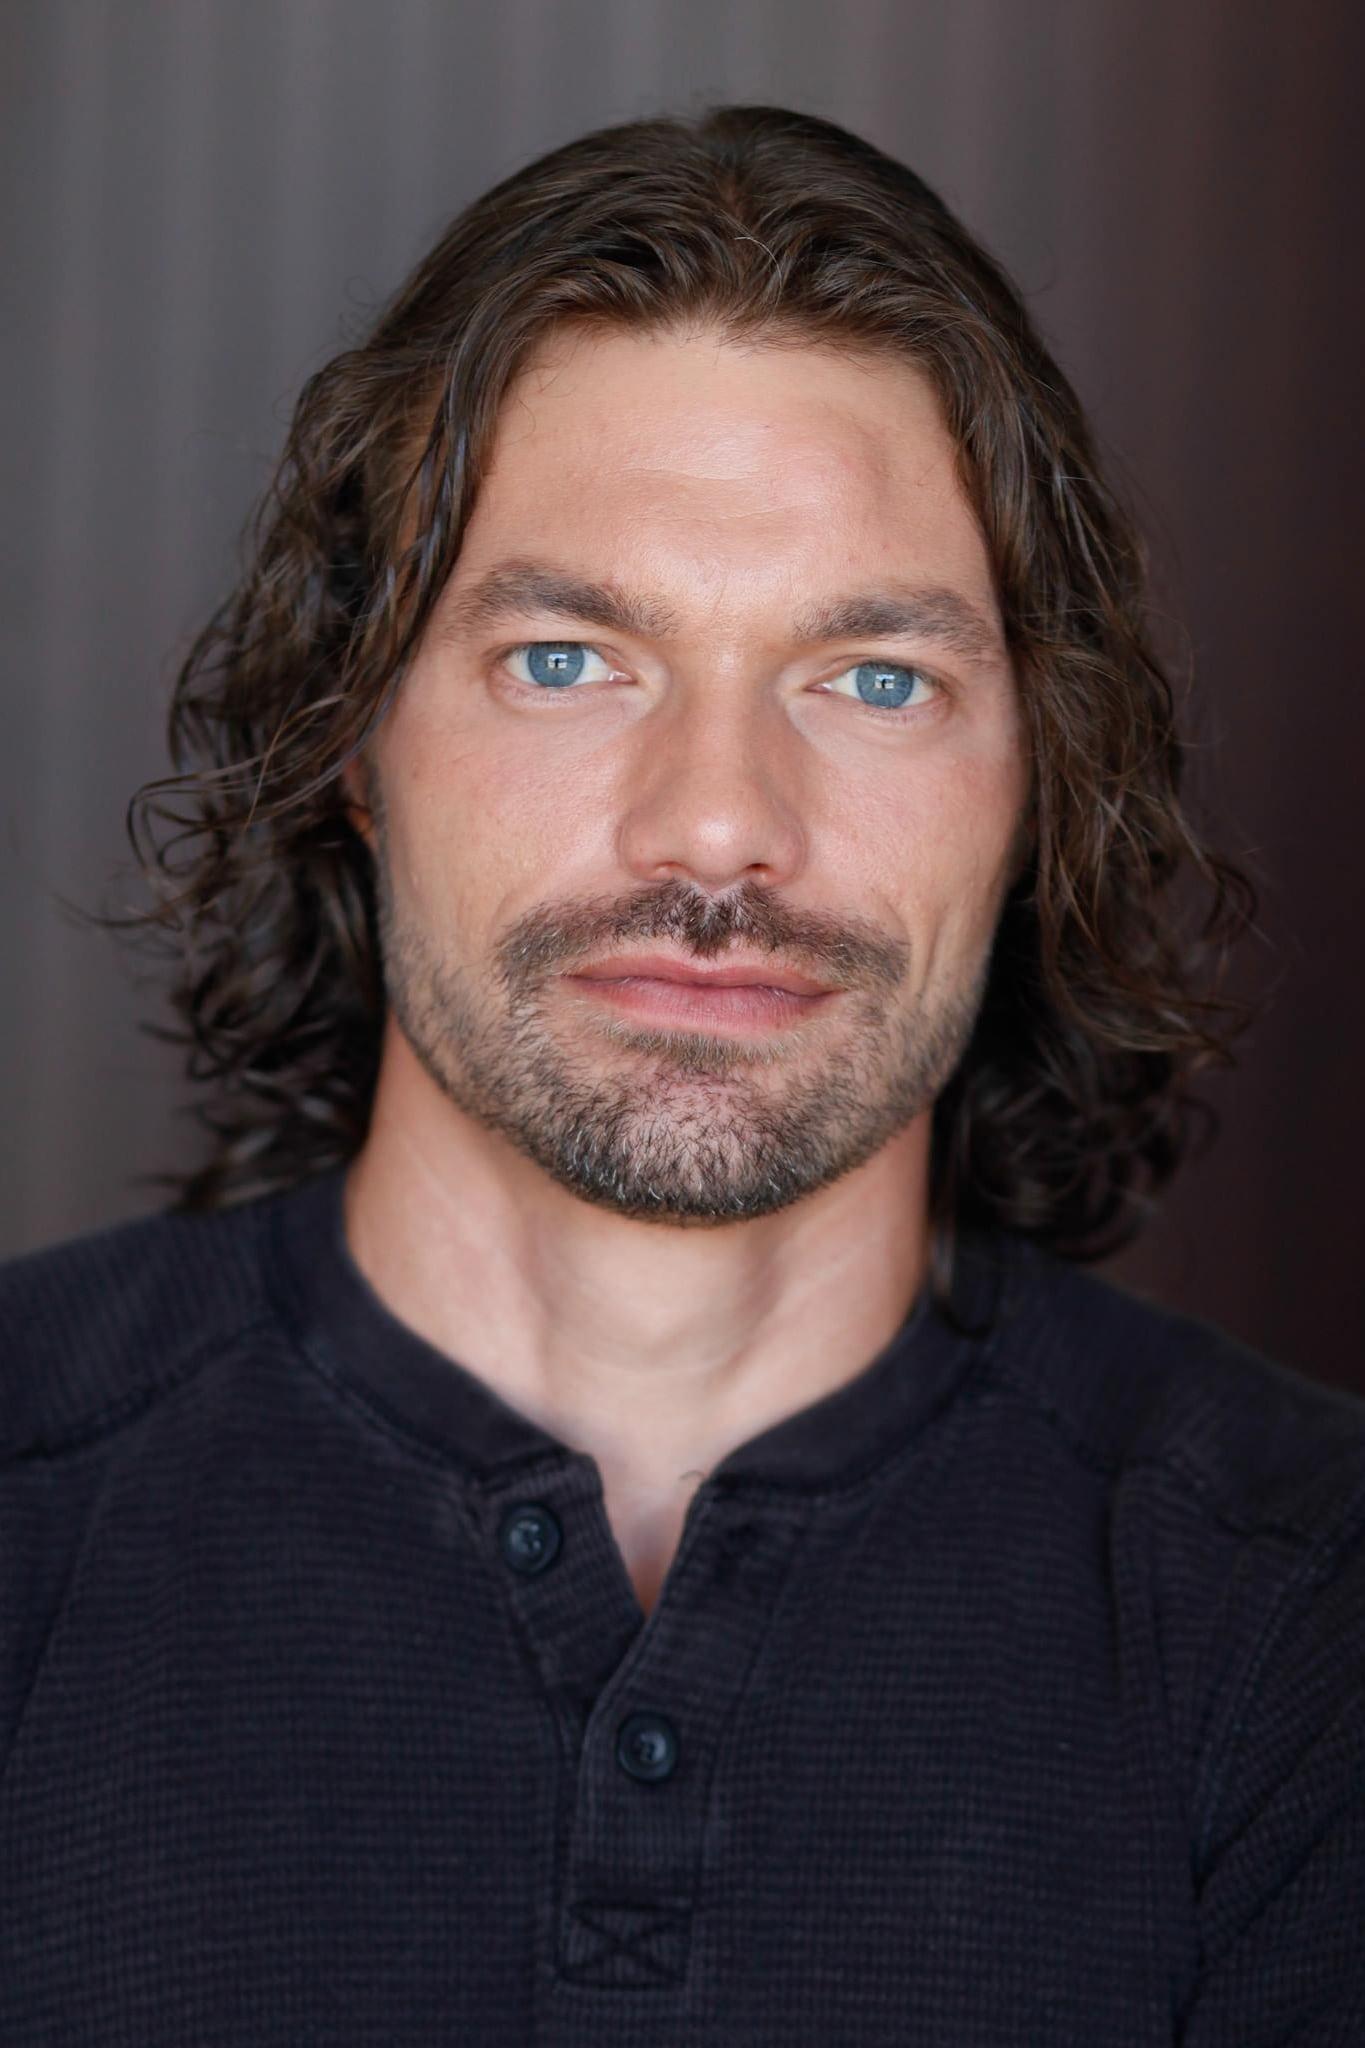 Seth Gandrud